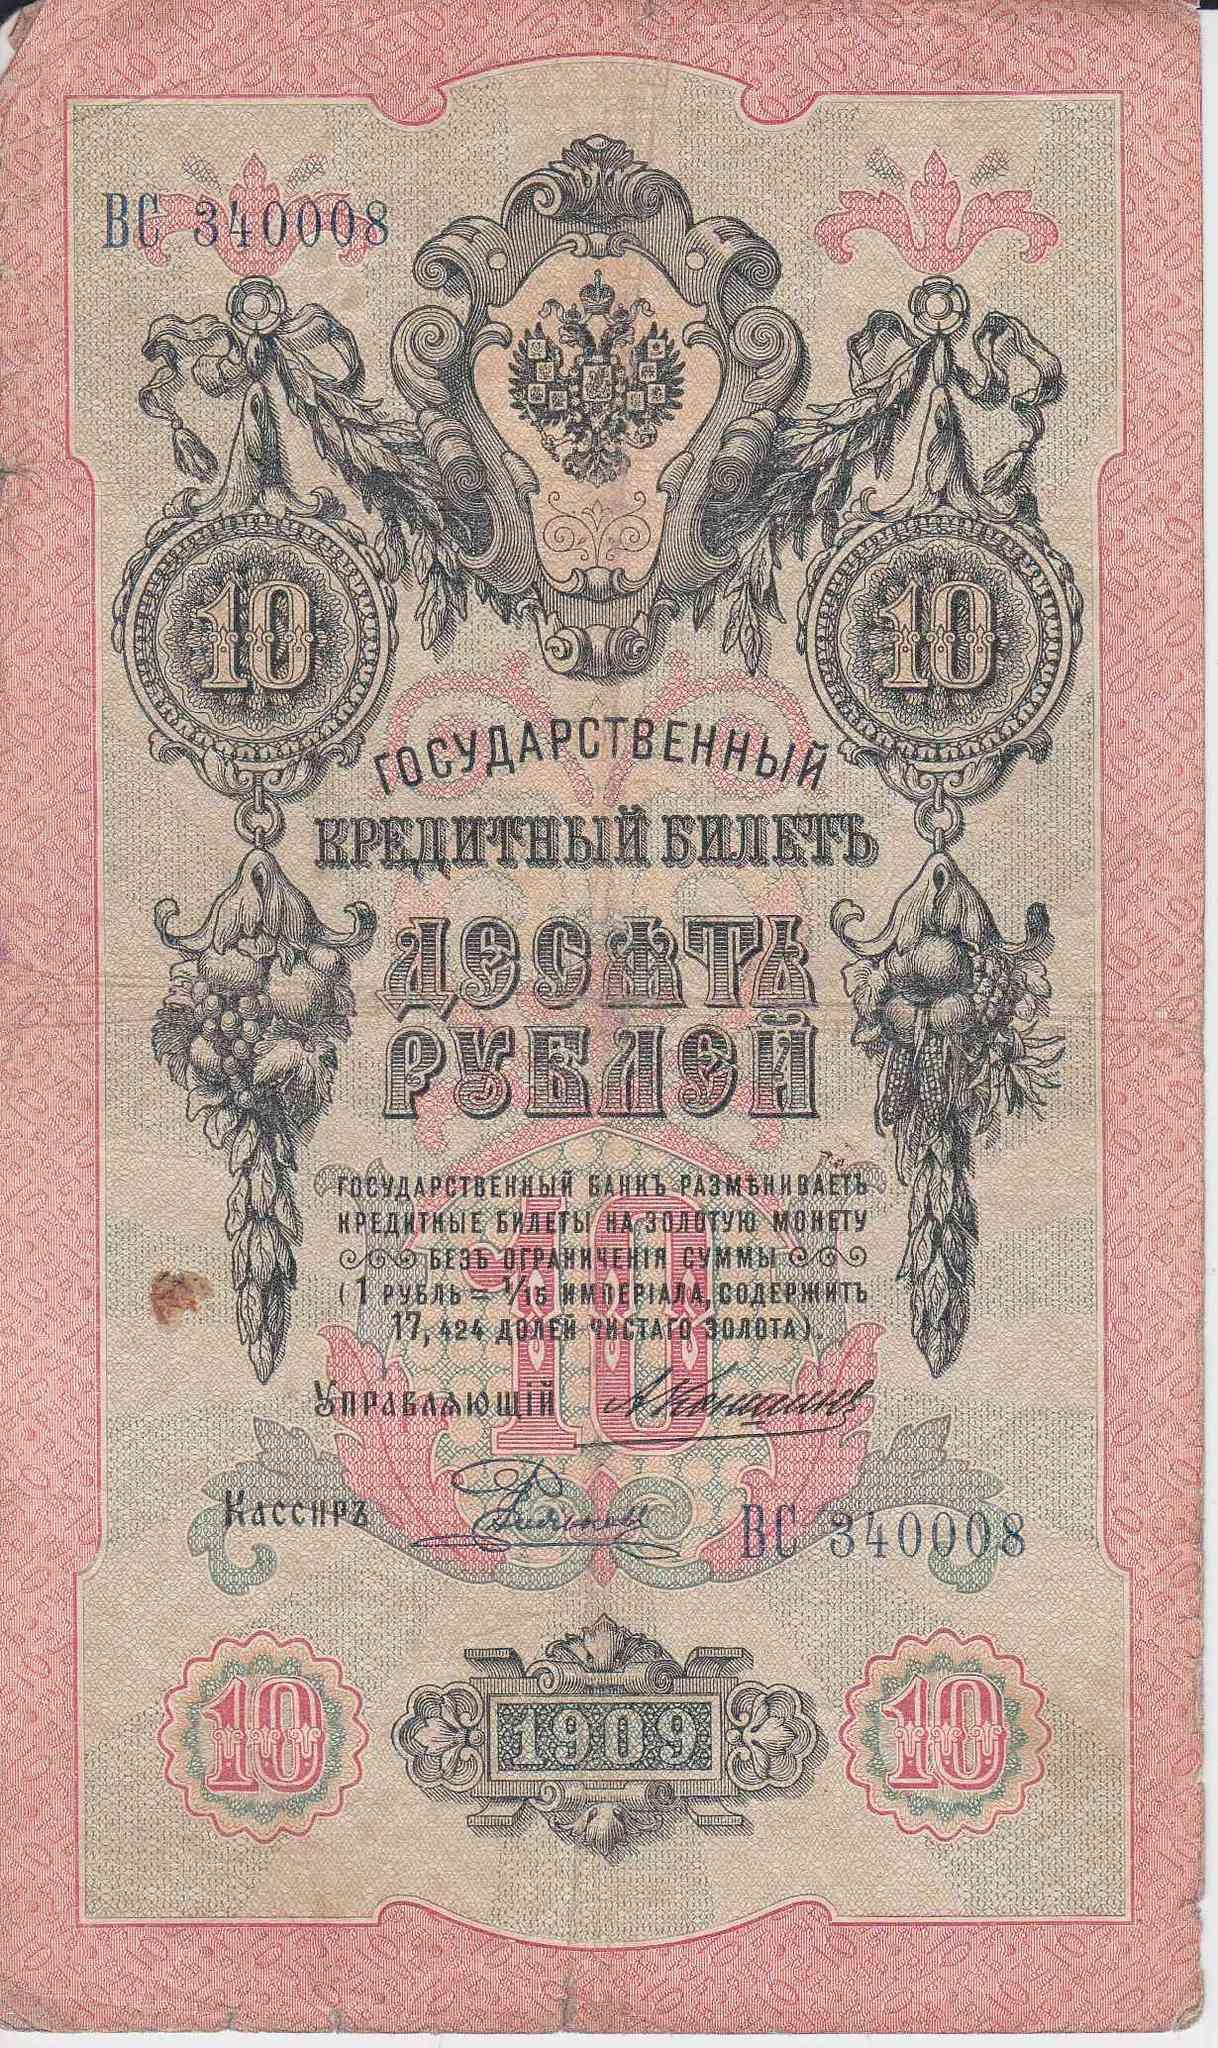 Банкнота Россия 1909 год 10 рублей Коншин/Родионов ВС